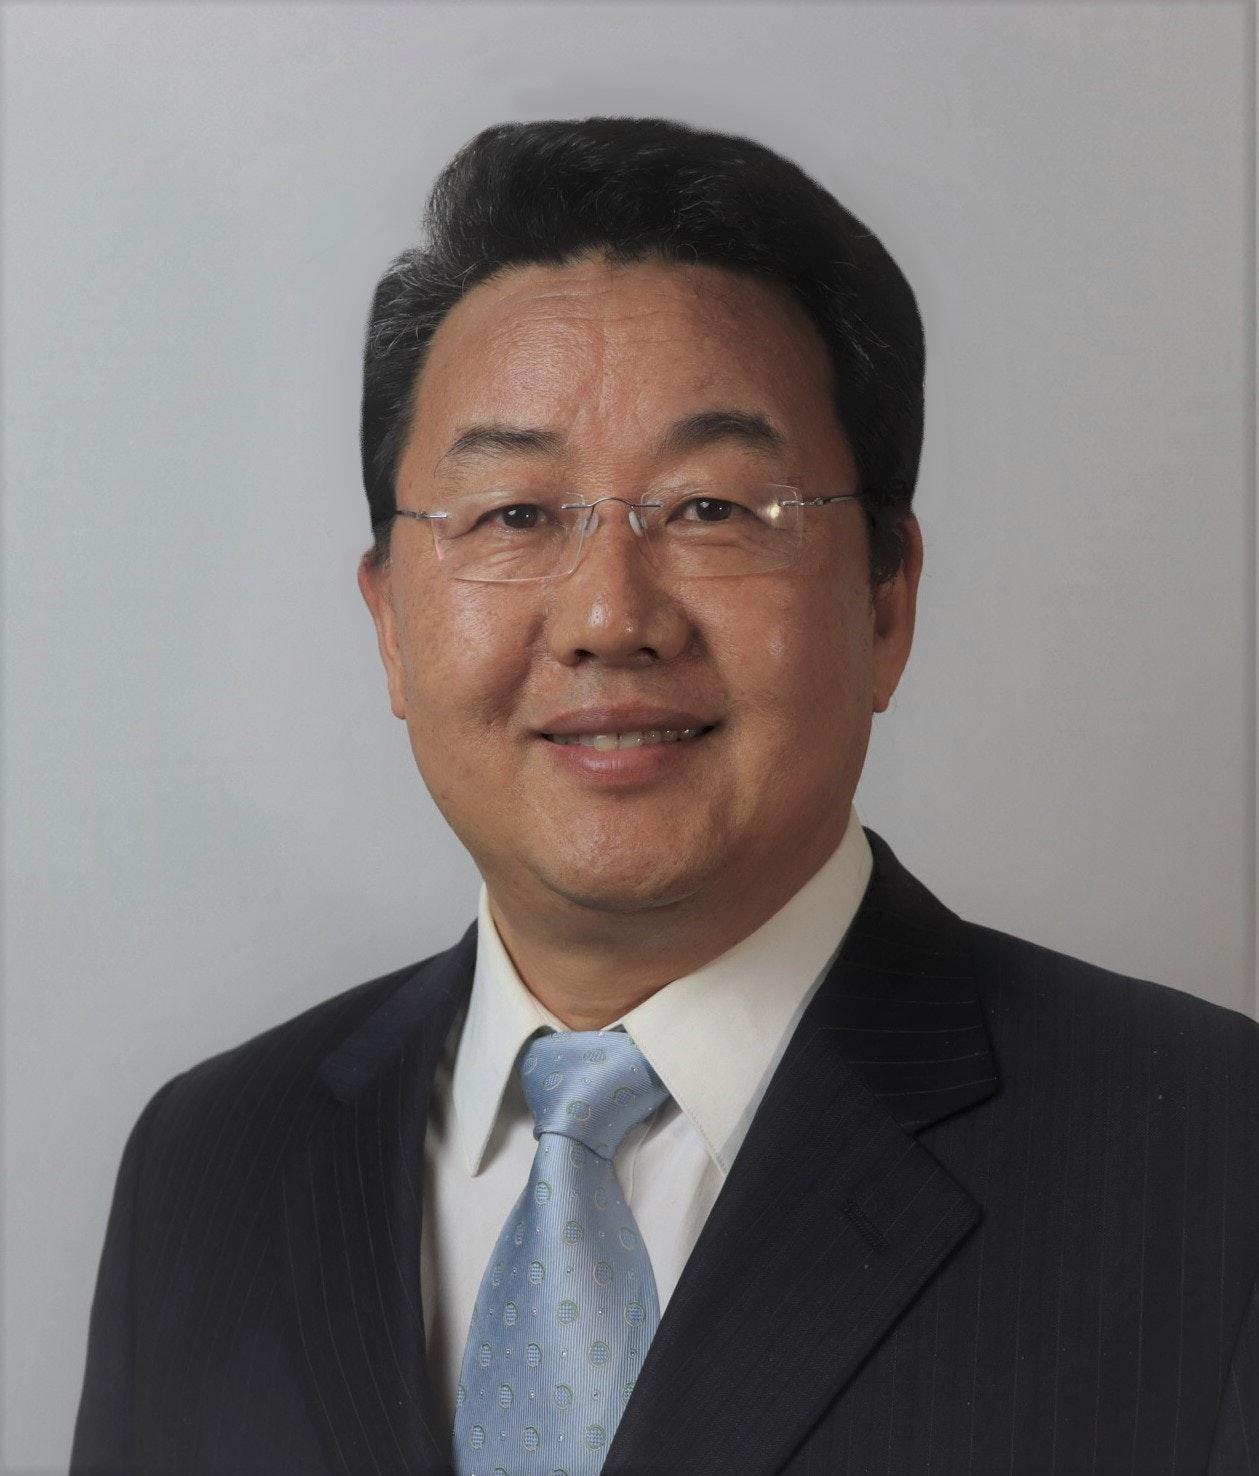 James Hyun